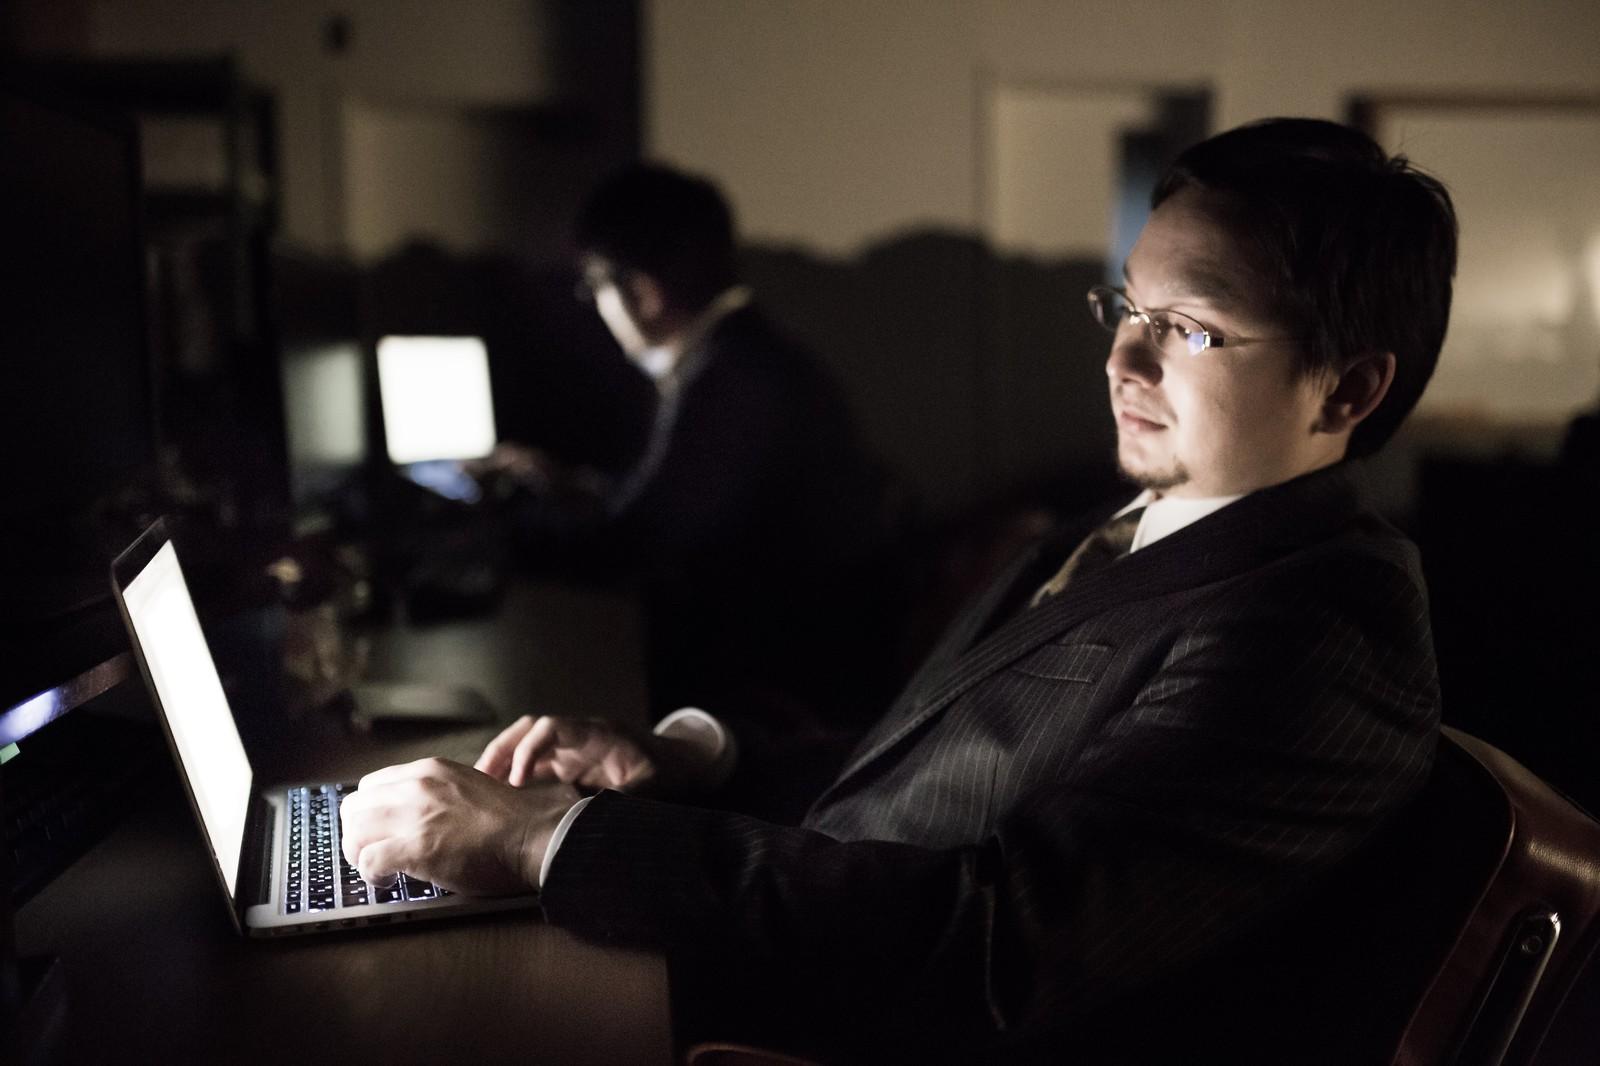 サービス残業の実態や平均時間、違法なサービス残業への対策は?